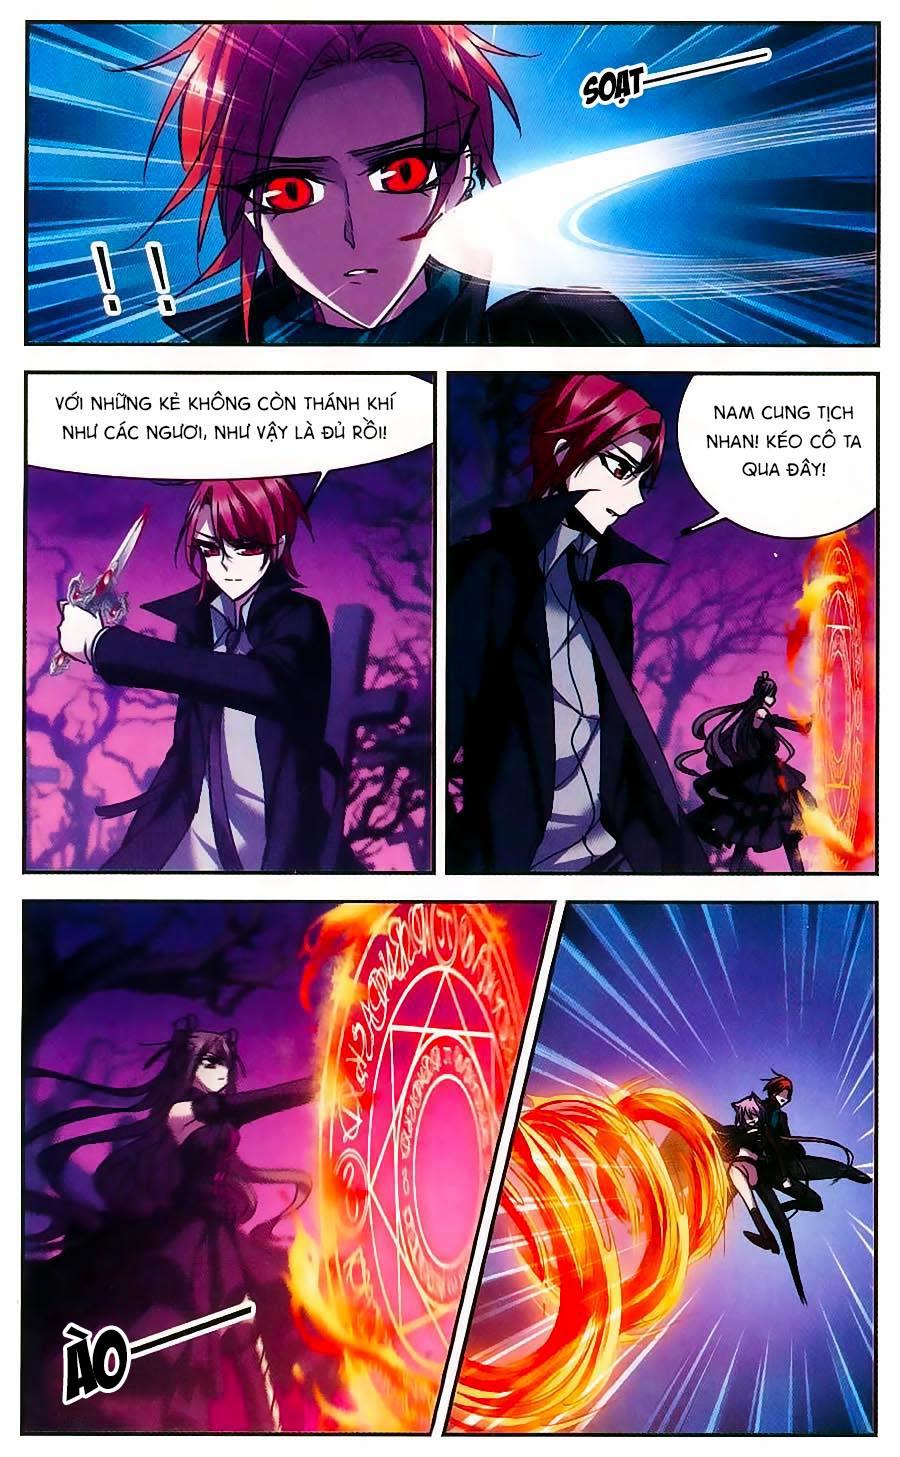 Huyết Tộc Cấm Vực chap 74 page 7 - IZTruyenTranh.com